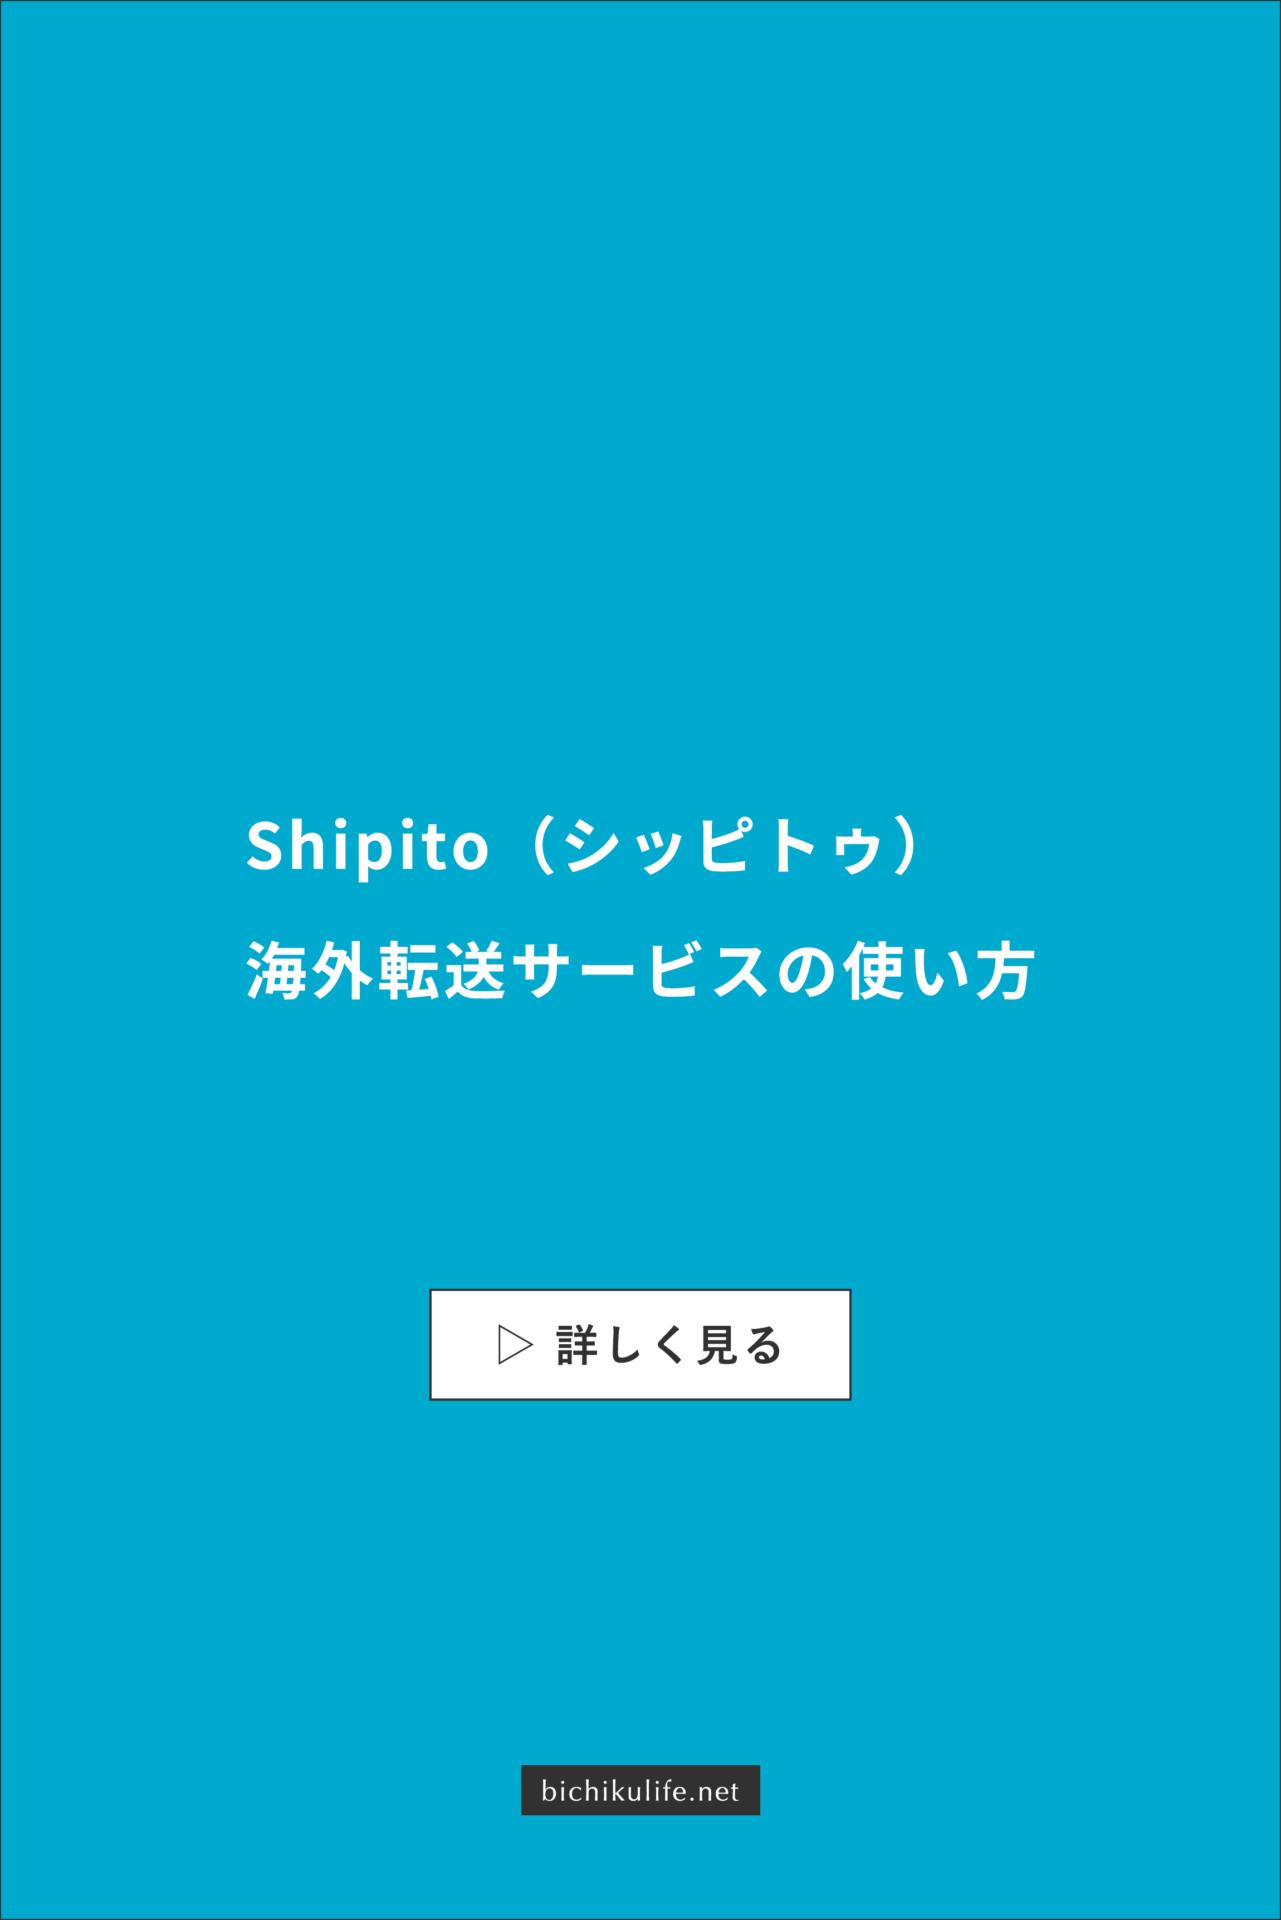 海外転送サービスのShipito(シッピトゥ)の特徴、プラン、実際に使ってみた際の使い方・手順を解説